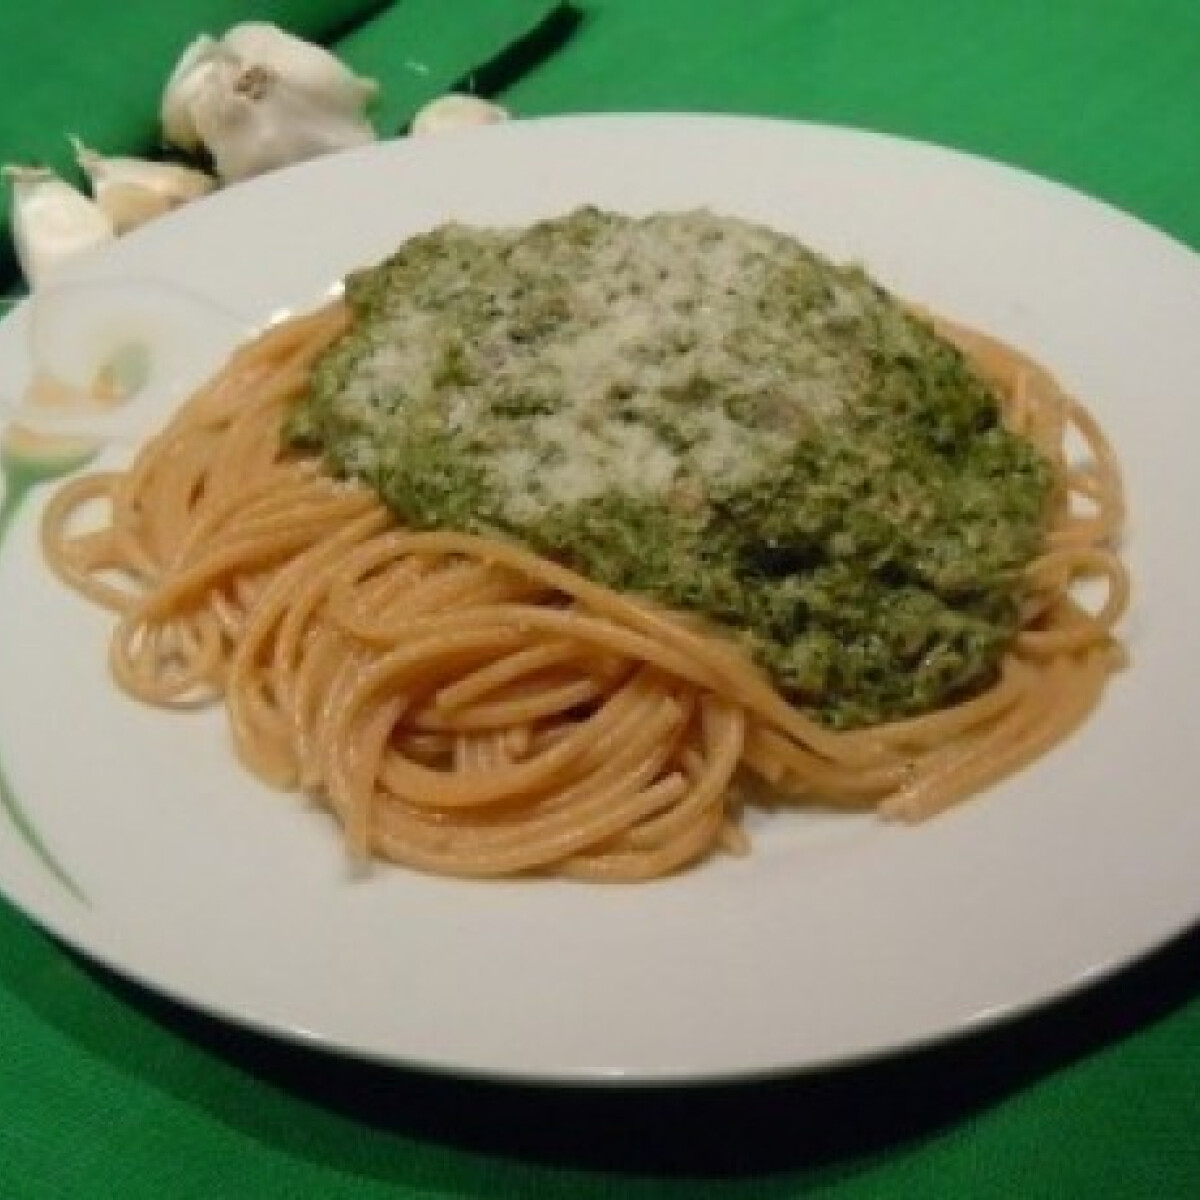 Tonhalas-spenótos spagetti